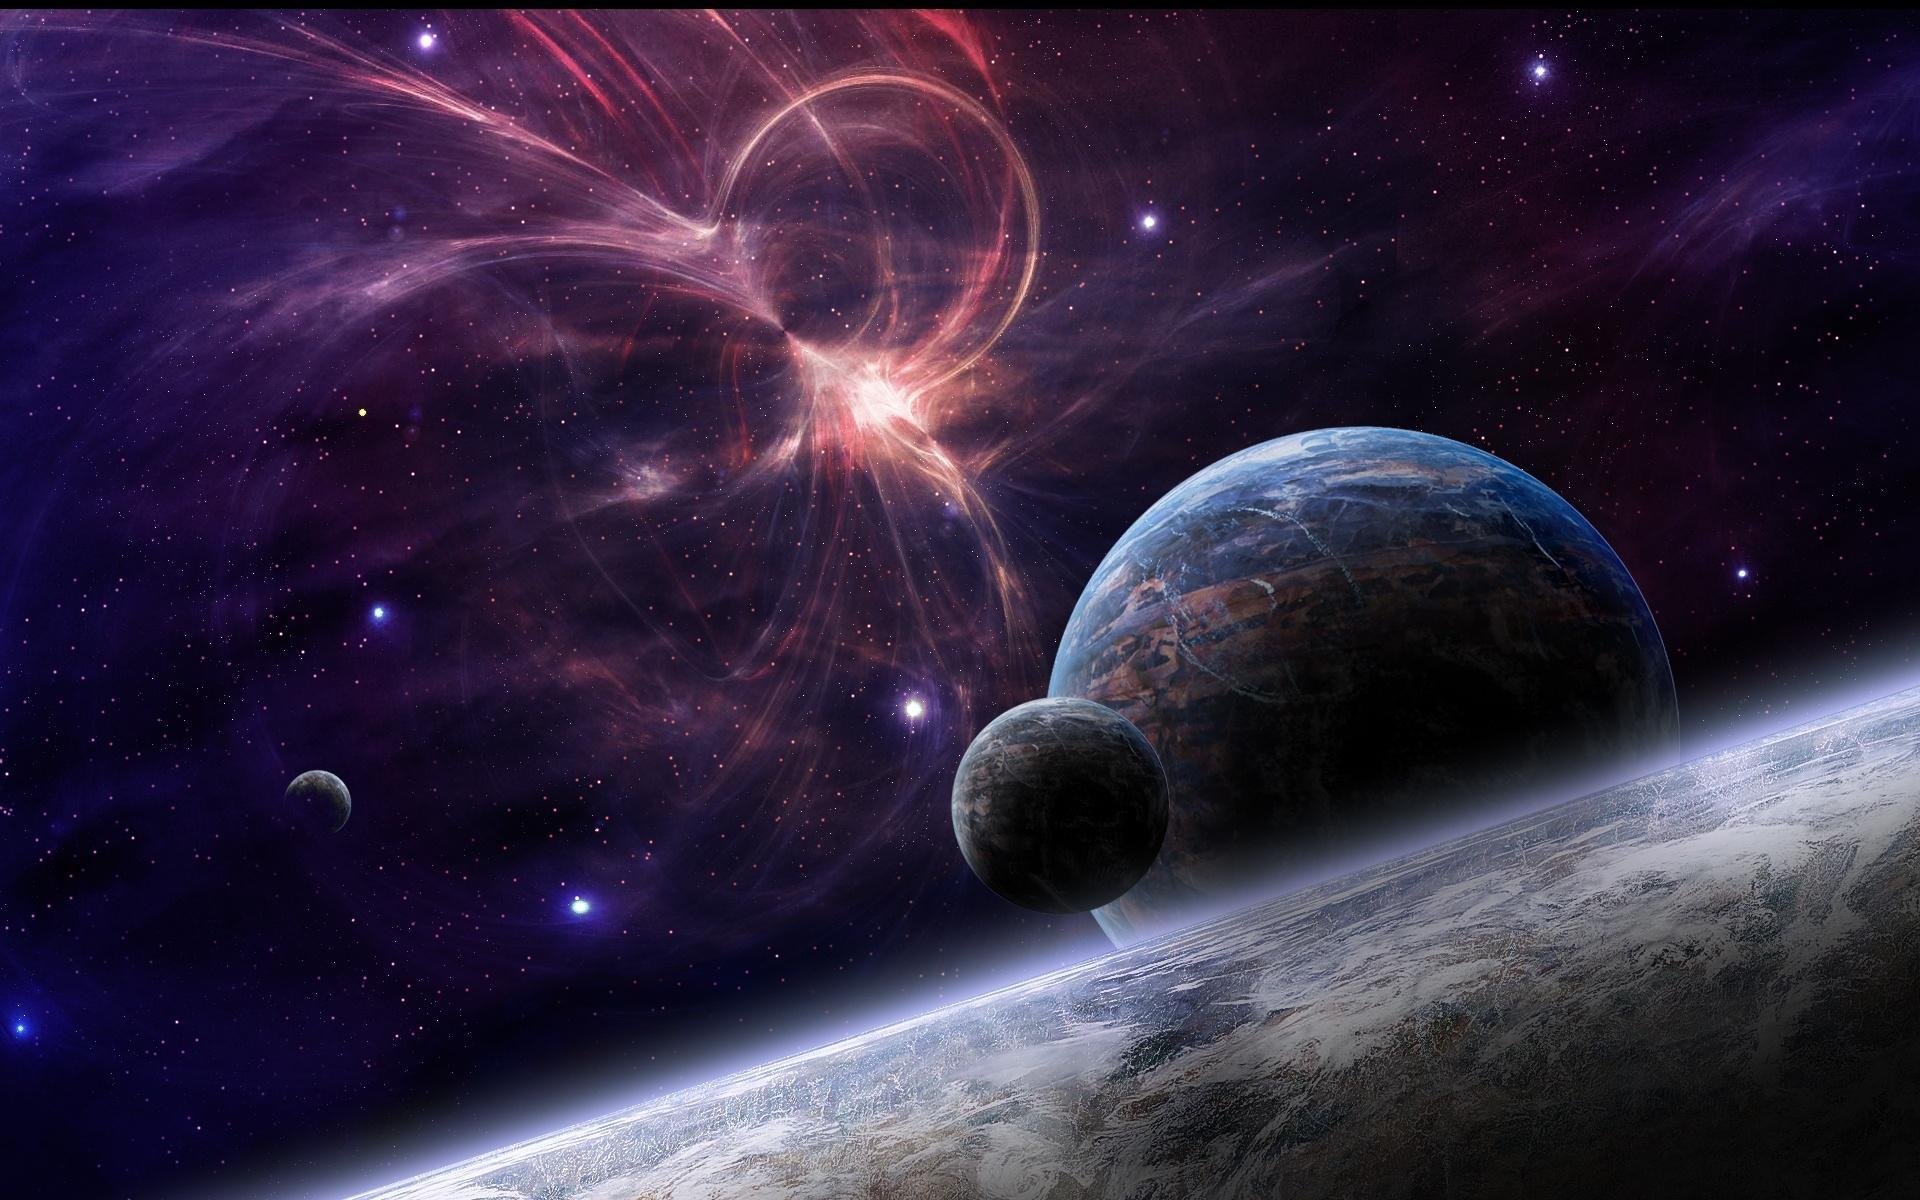 """""""Звезда смерти"""" за пределами Солнечной системы: американец доказал существование Нибиру больше 80 лет назад"""